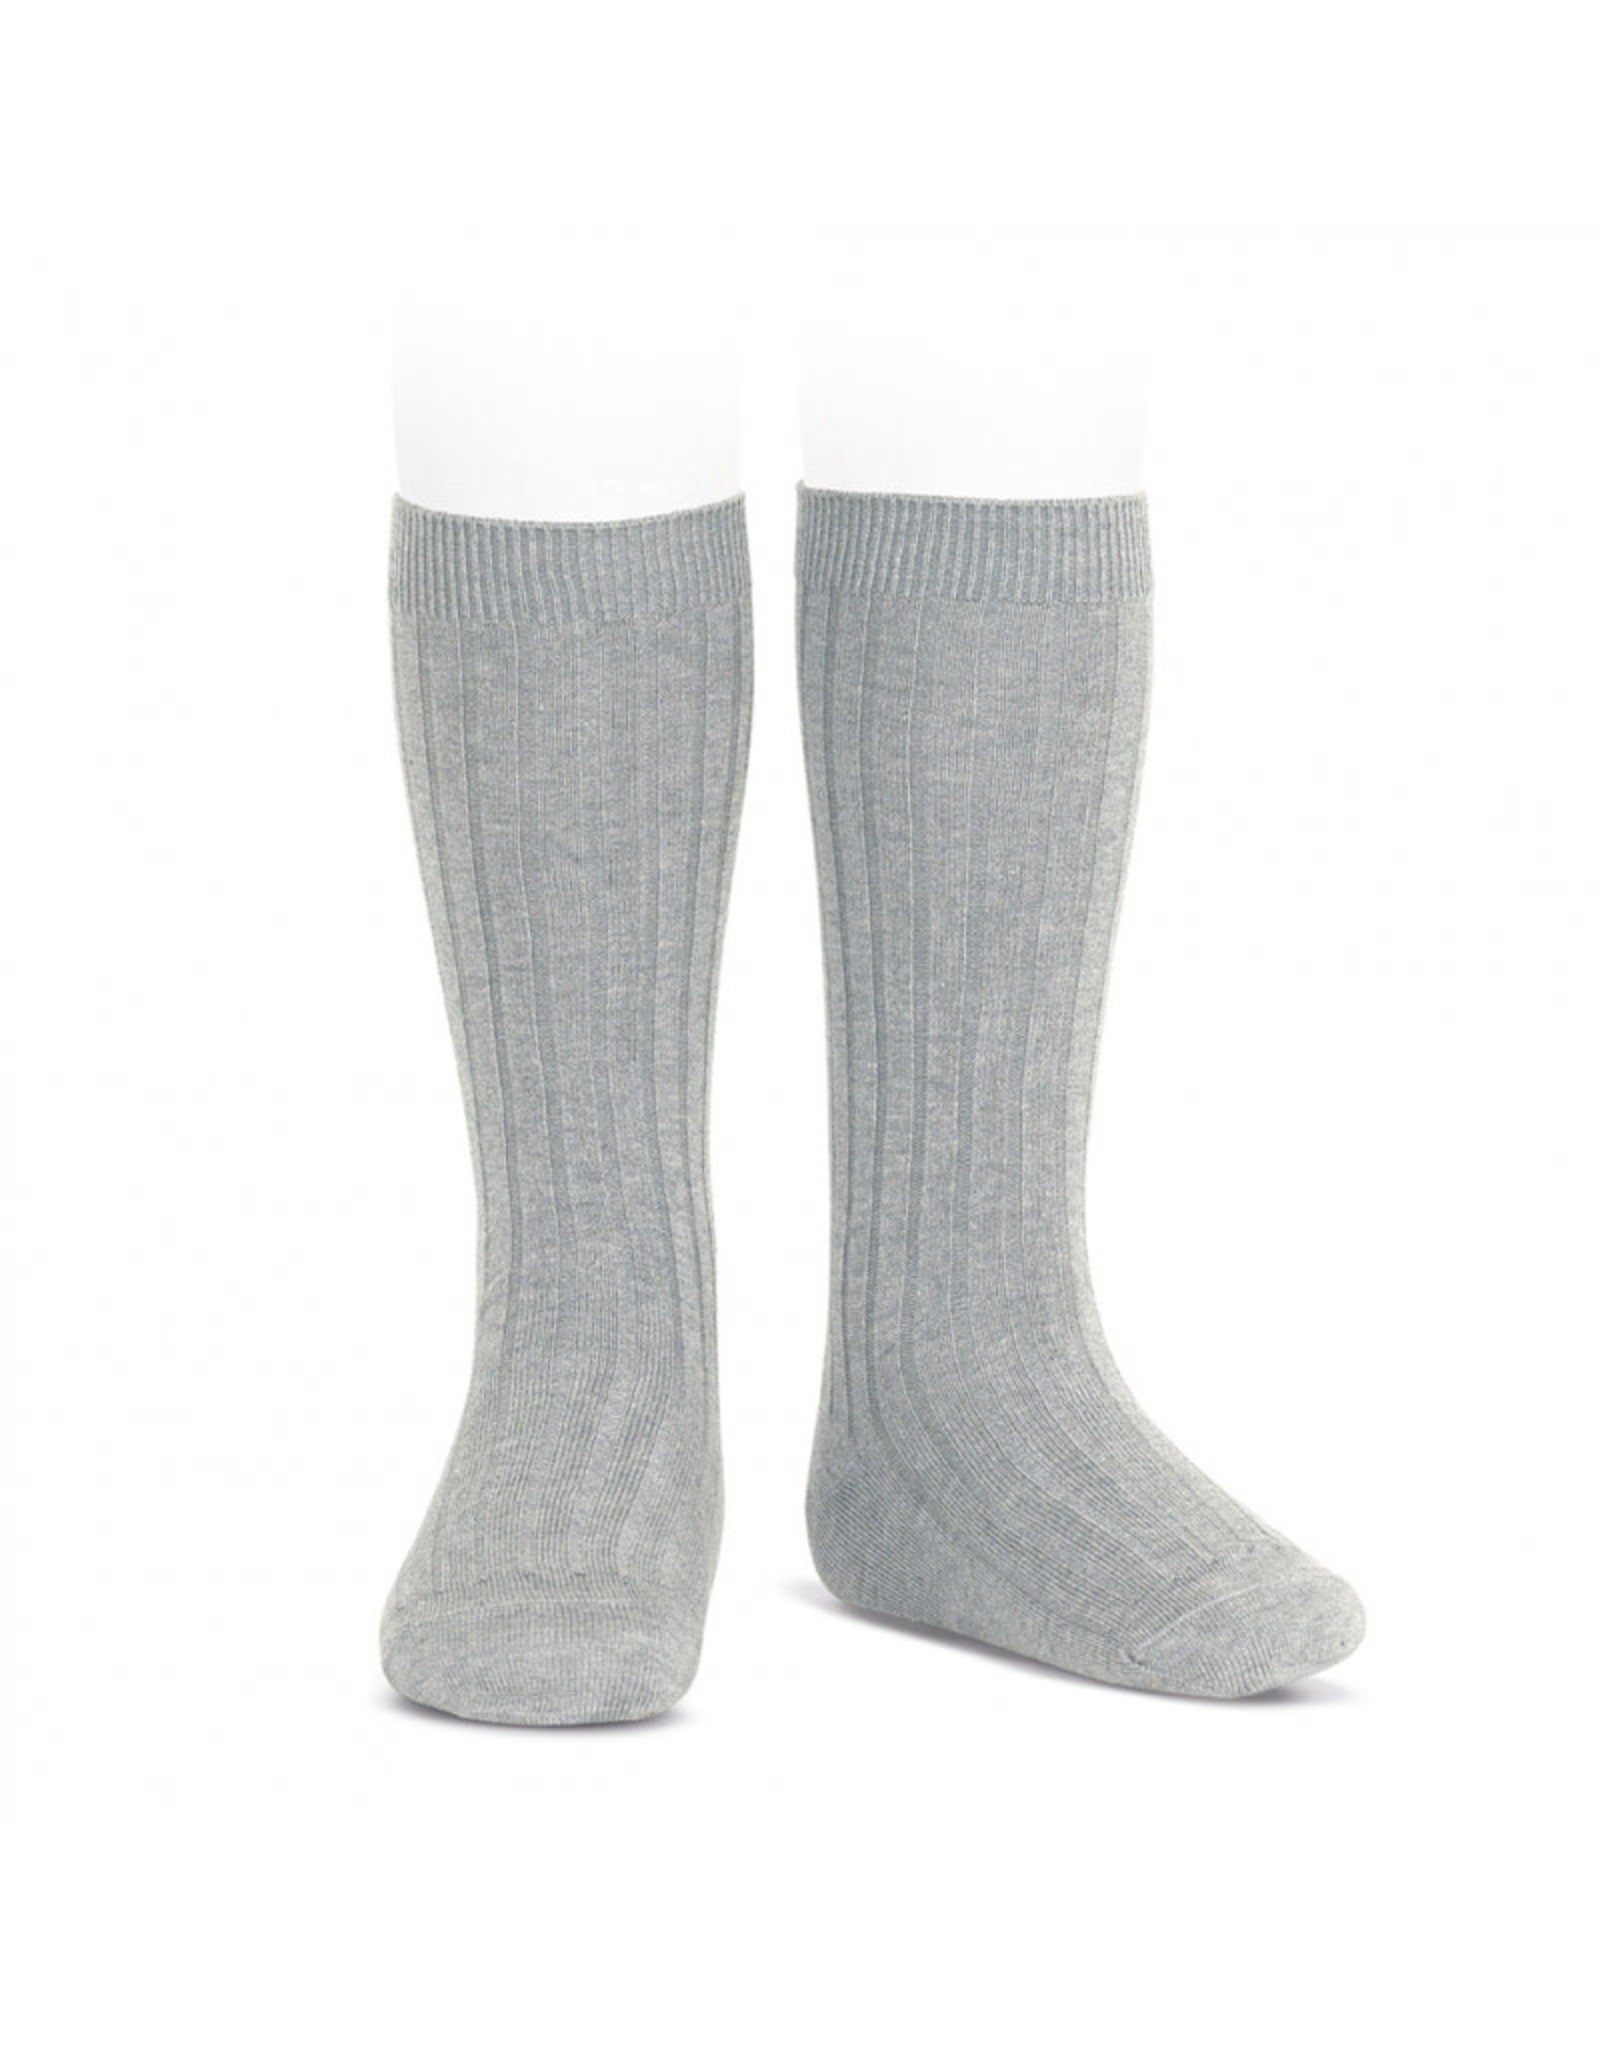 CONDOR Aluminium Ribbed Knee Socks